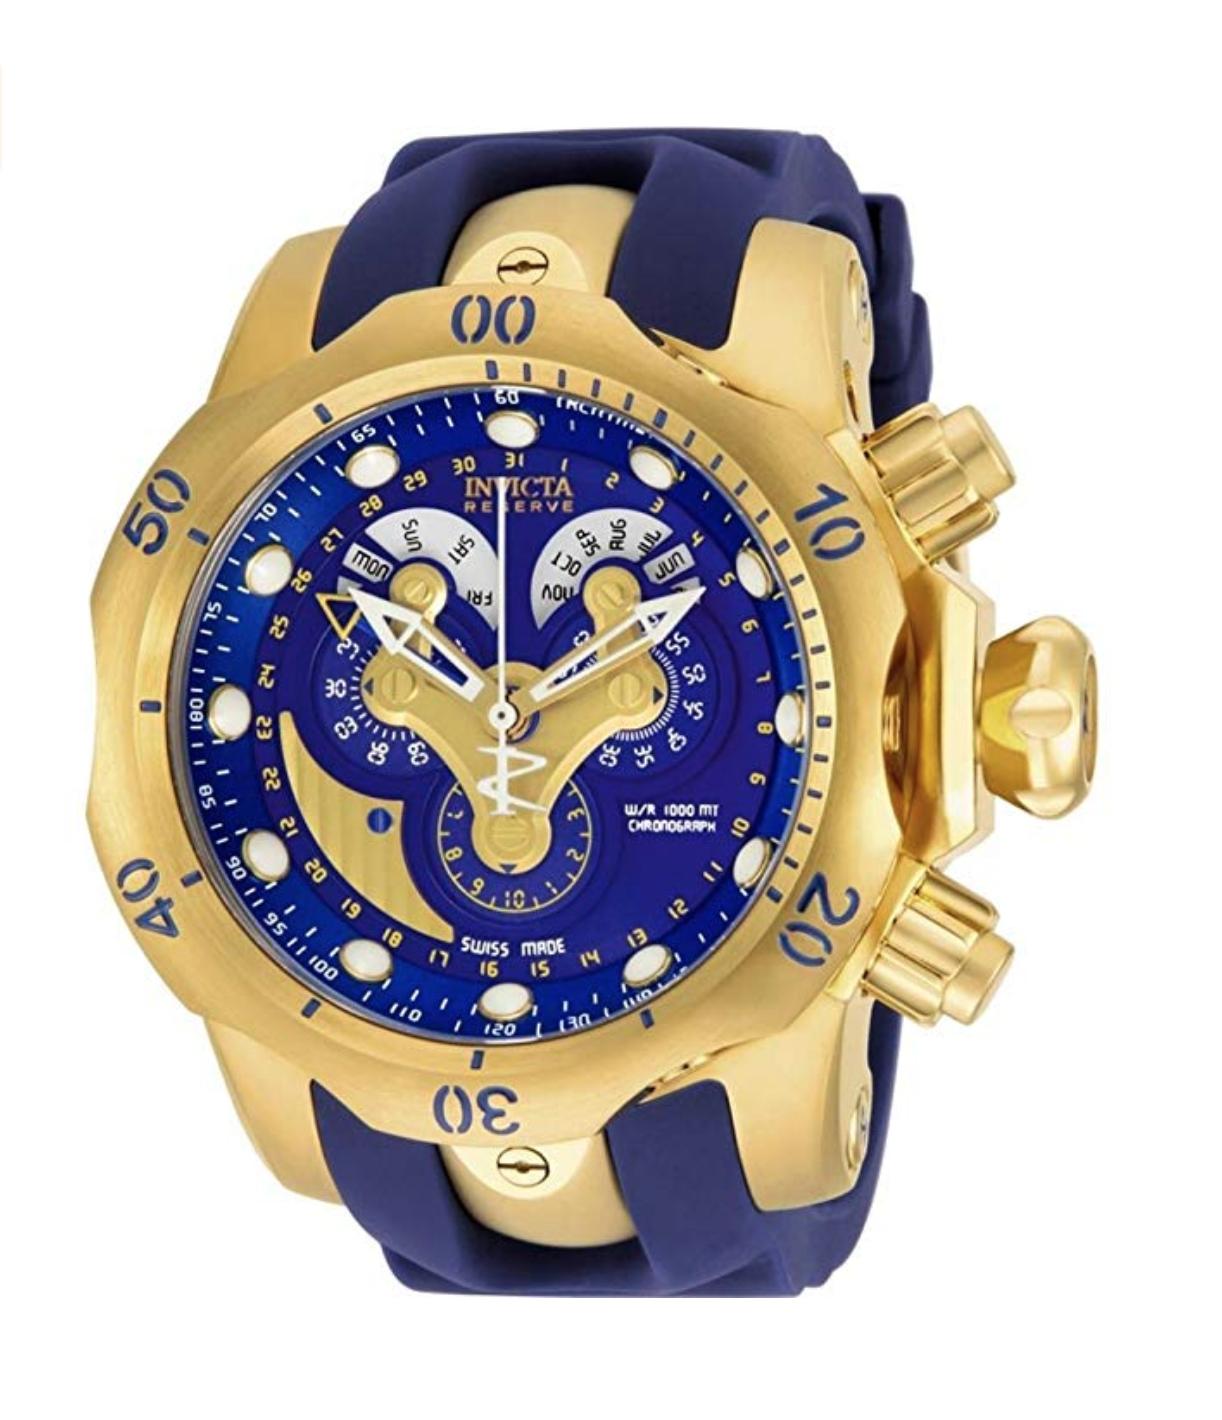 a016657ba94 Invicta Reserve Men s Chronograph Quartz Watch with Polyurethane Strap –  14465  Invicta  Luxury